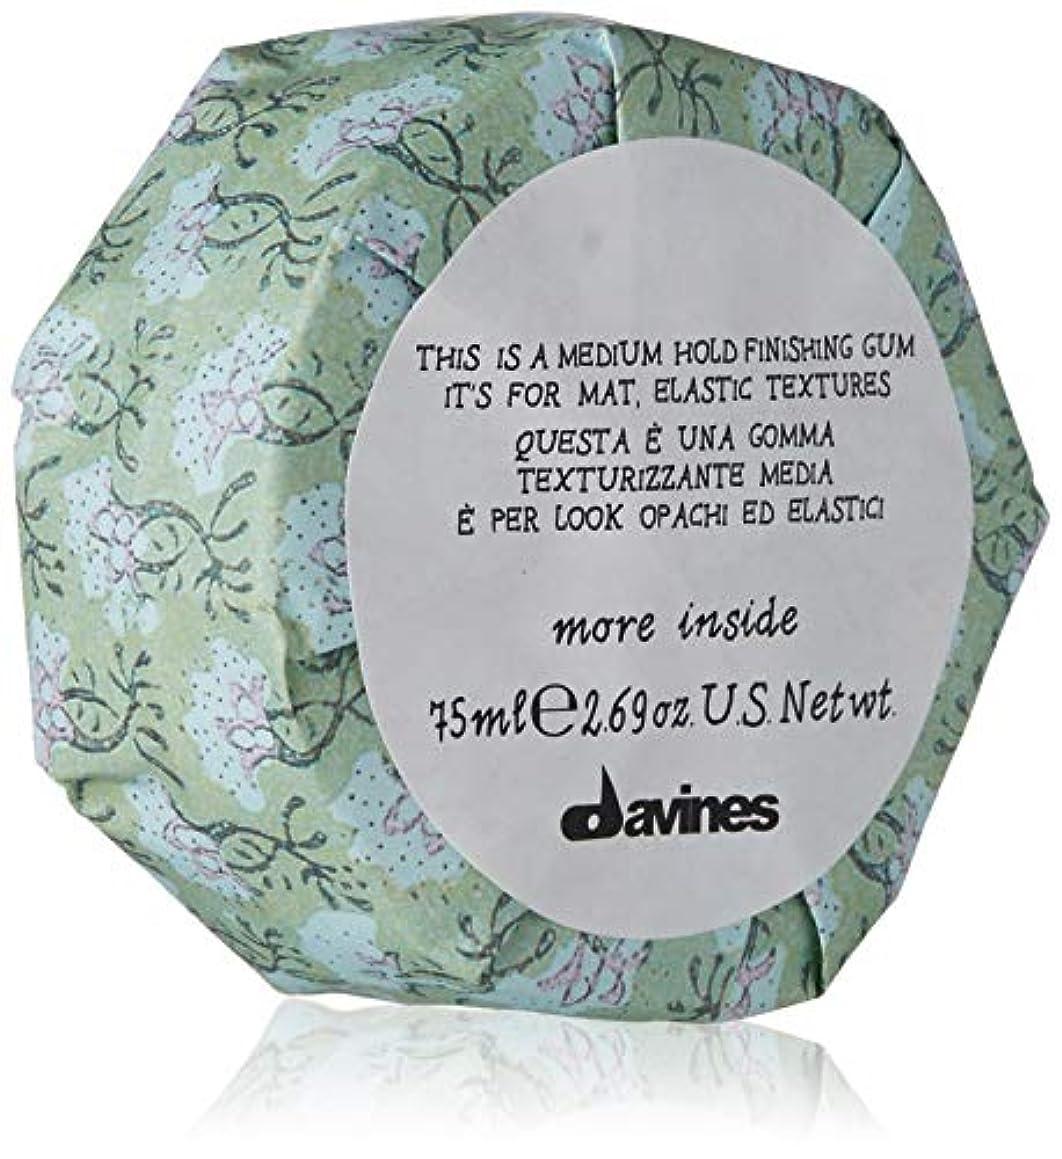 キリスト教設置スツールダヴィネス More Inside This Is A Medium Hold Finishing Gum (For Mat, Elastic Textures) 75ml/2.69oz並行輸入品